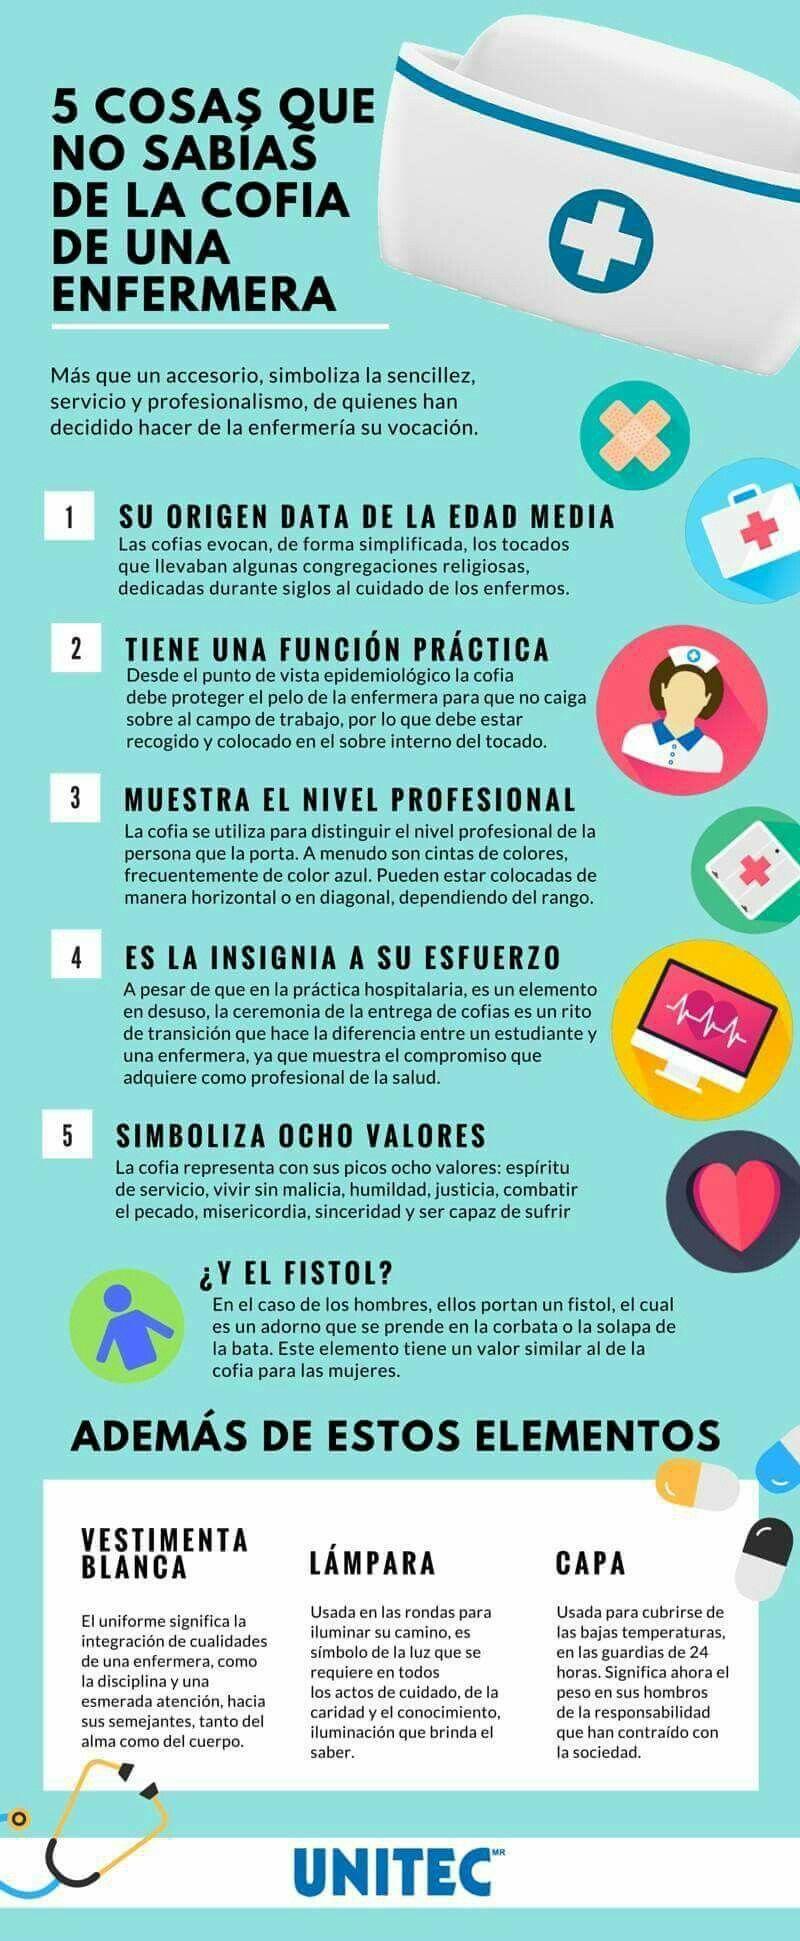 Pin De Paticcia Sánchez En Nursing Enfermera Cuidados De Enfermería Farmacologia Enfermeria